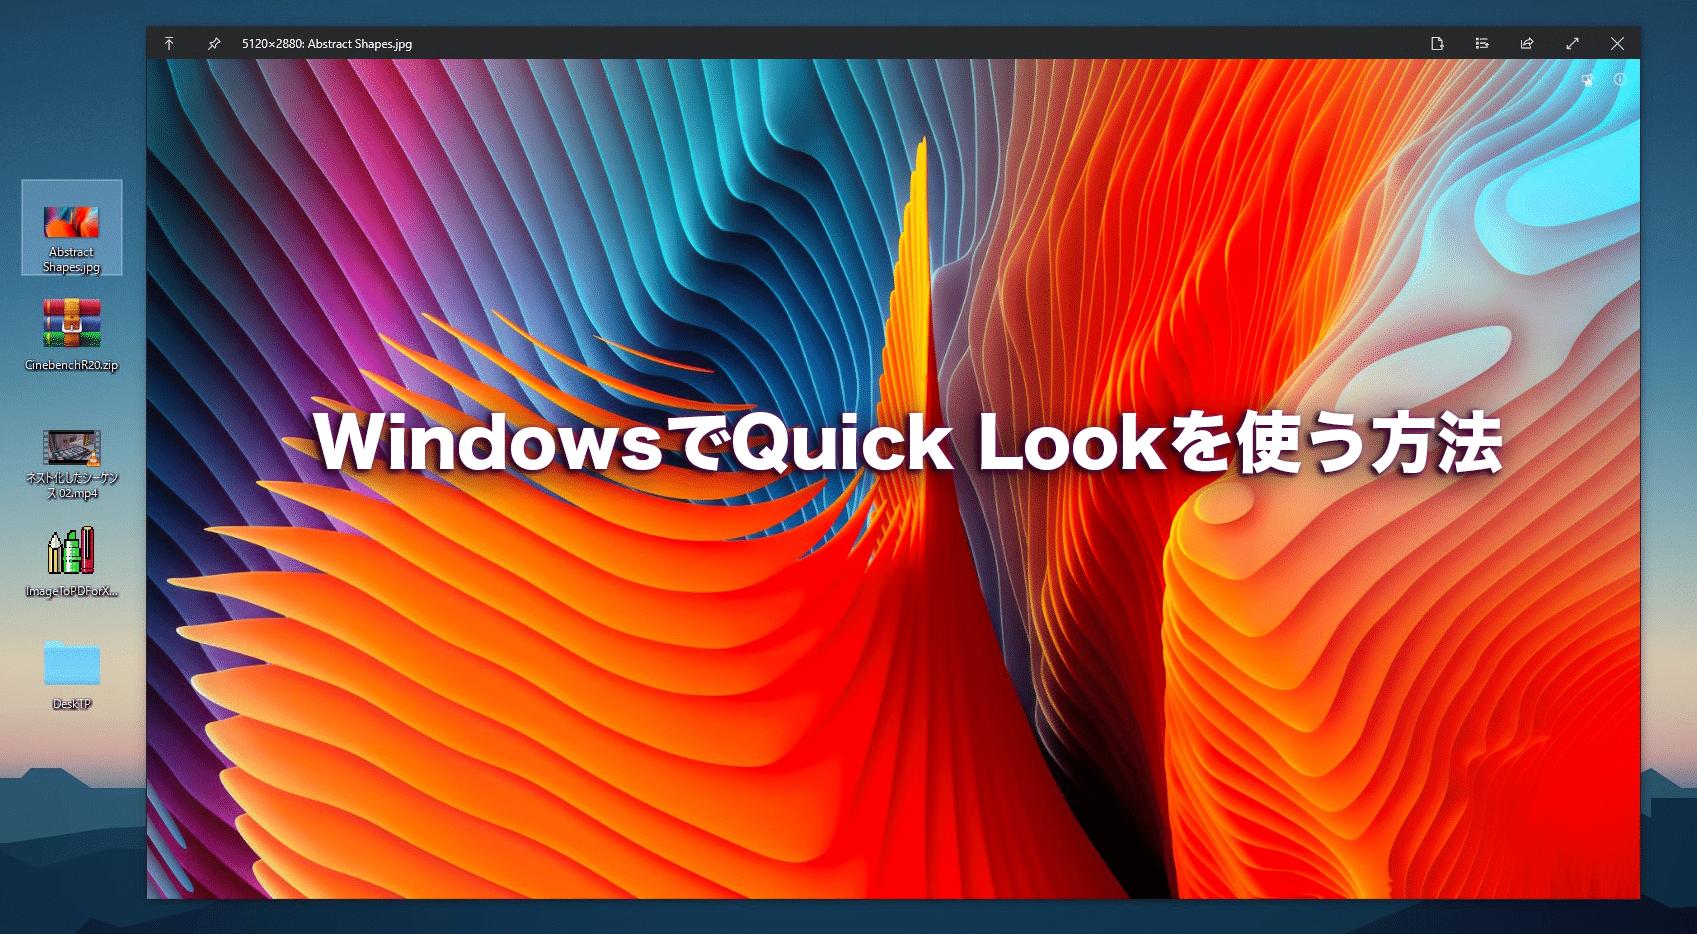 QuickLook - WindowsでもMacみたいにファイルの中身を即プレビューできるソフト【QuickLook】